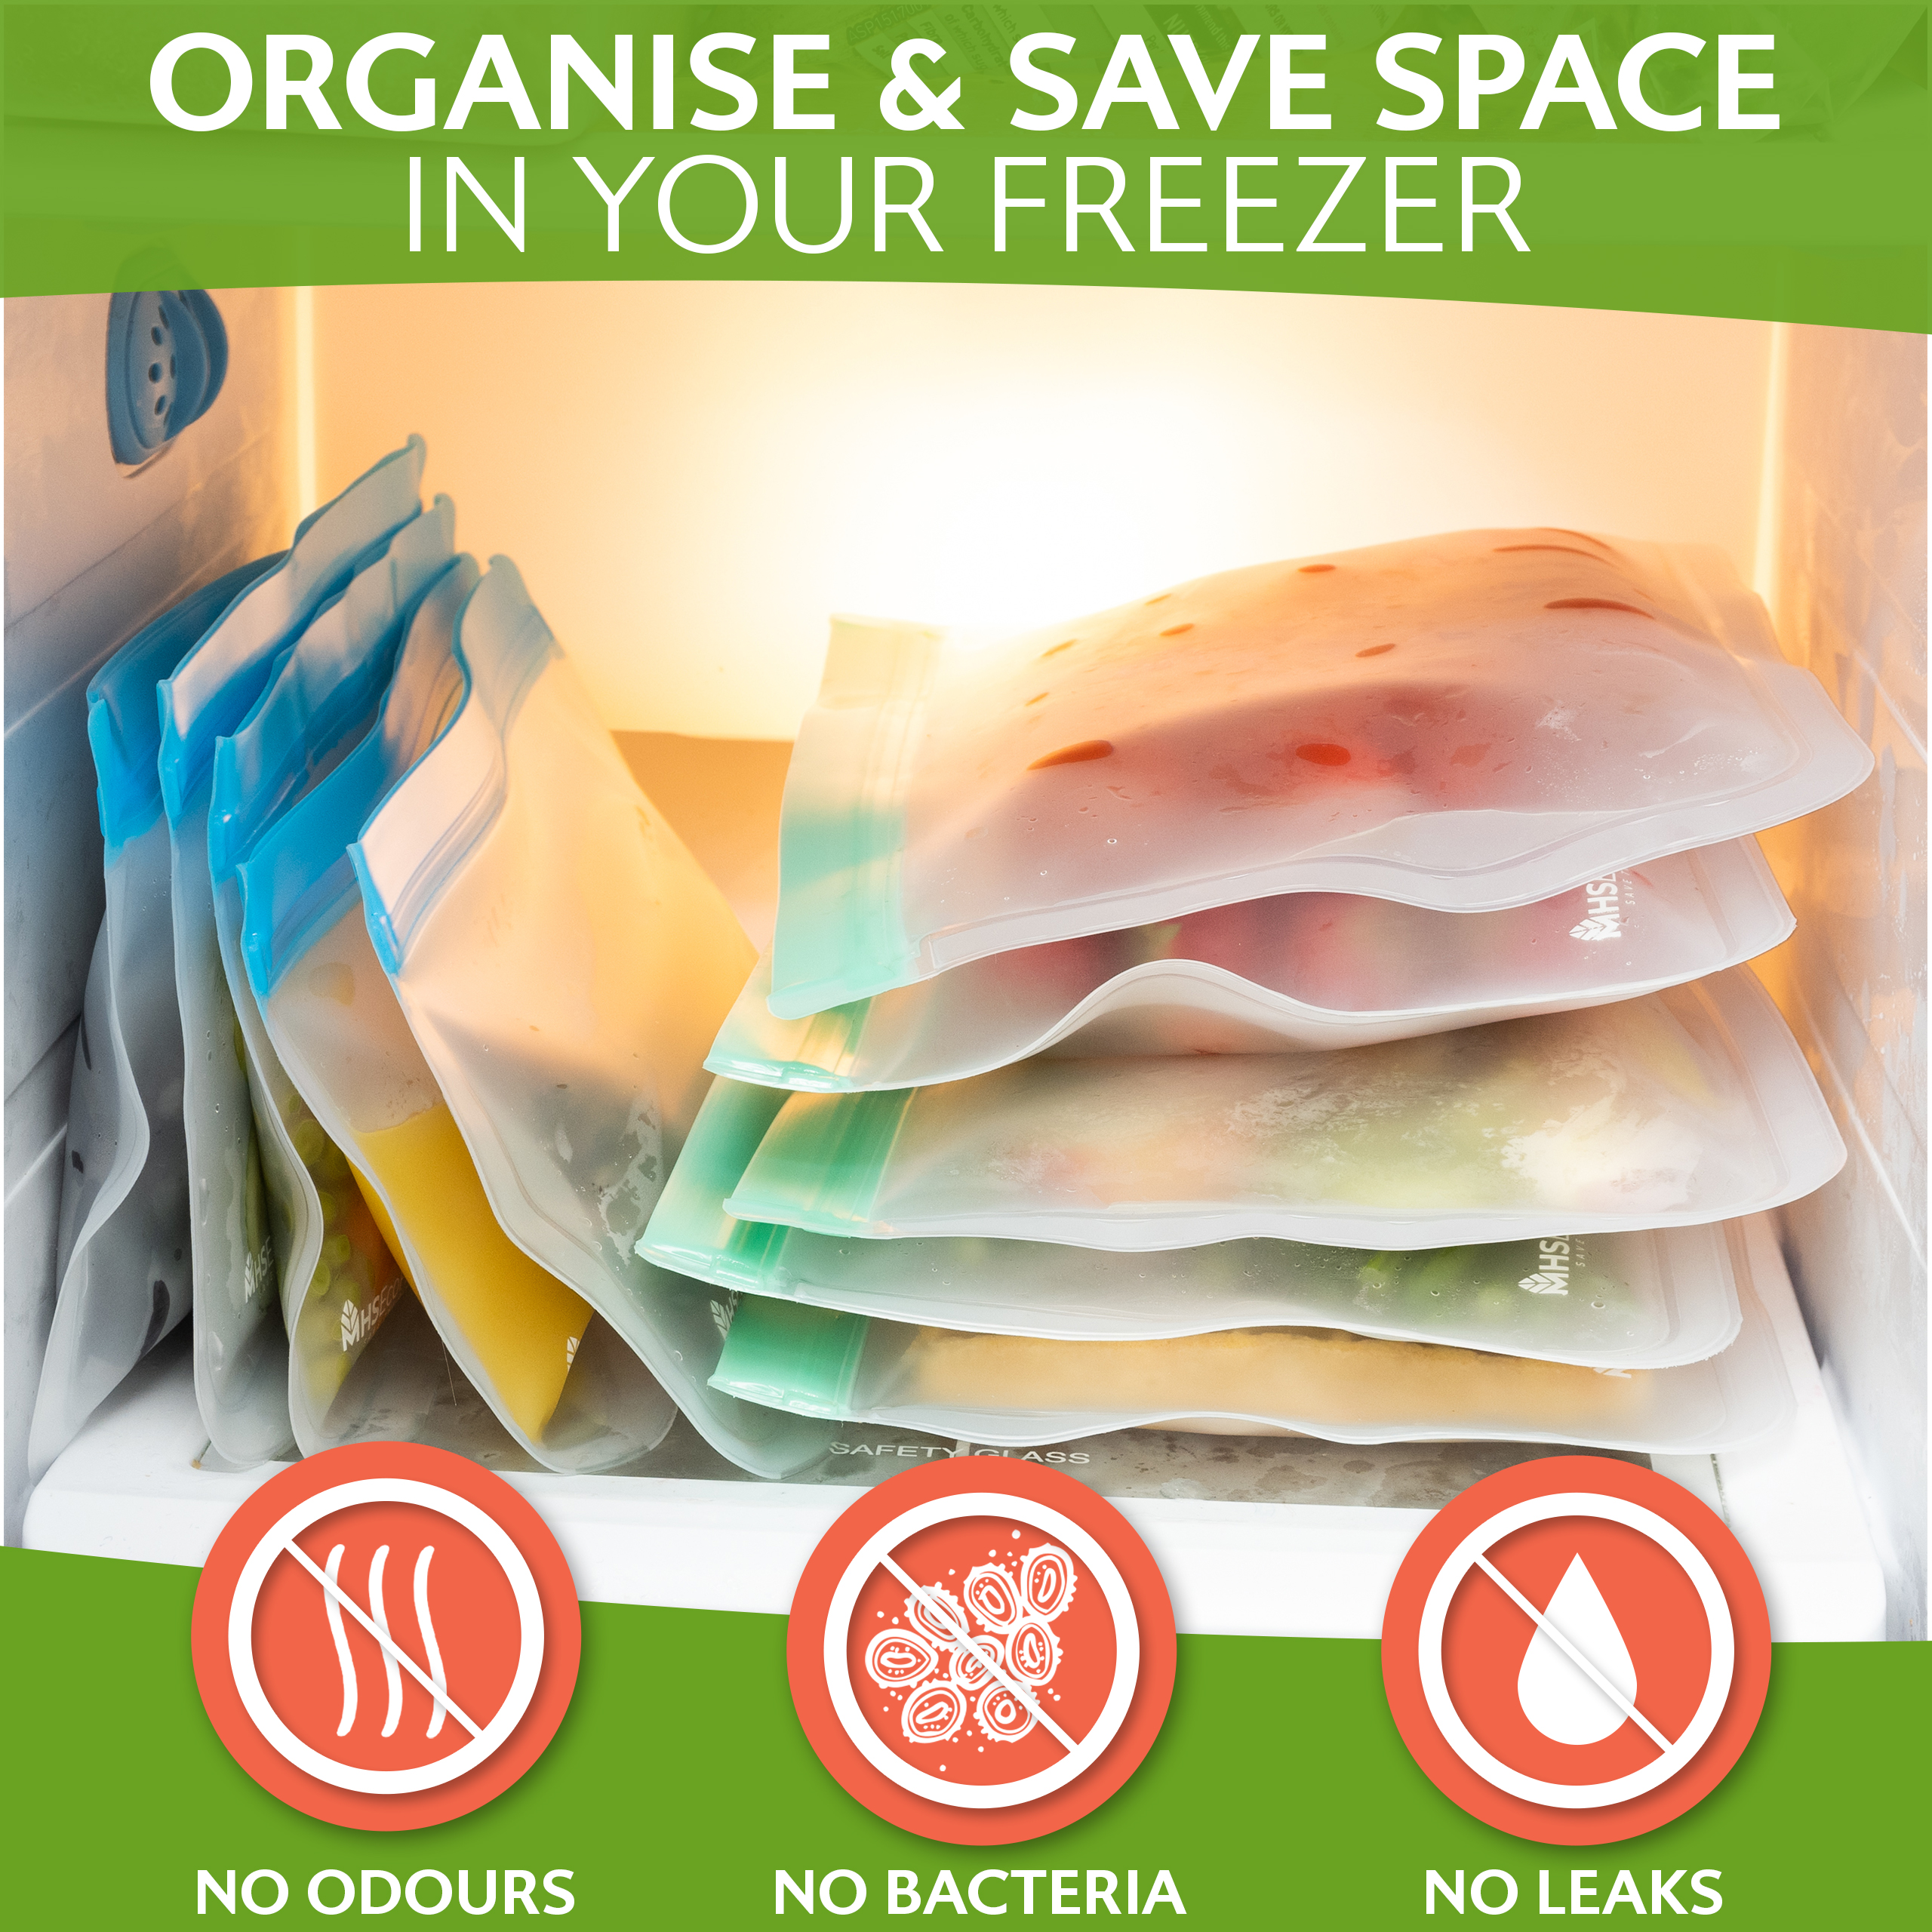 reusable freezer bags